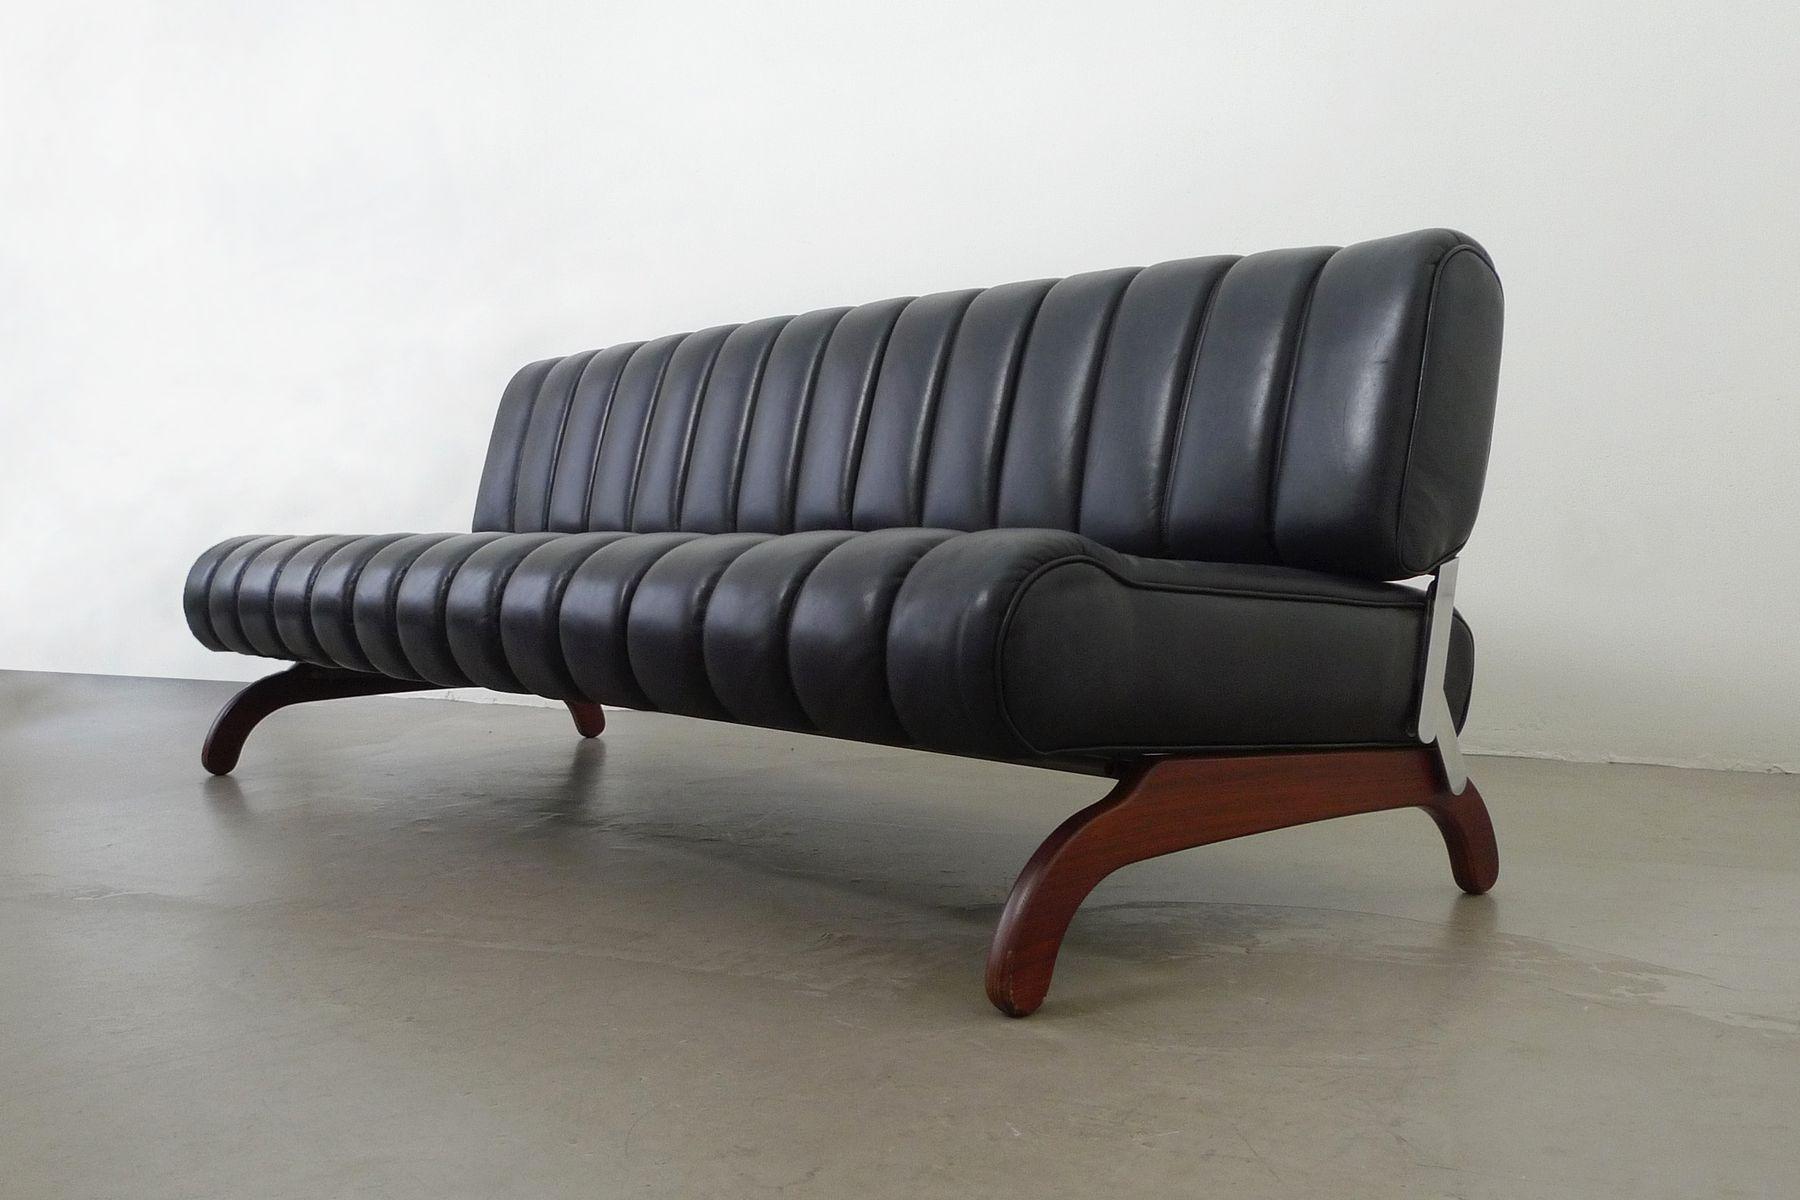 sterreichisches independence sofa set mit schlaffunktion. Black Bedroom Furniture Sets. Home Design Ideas